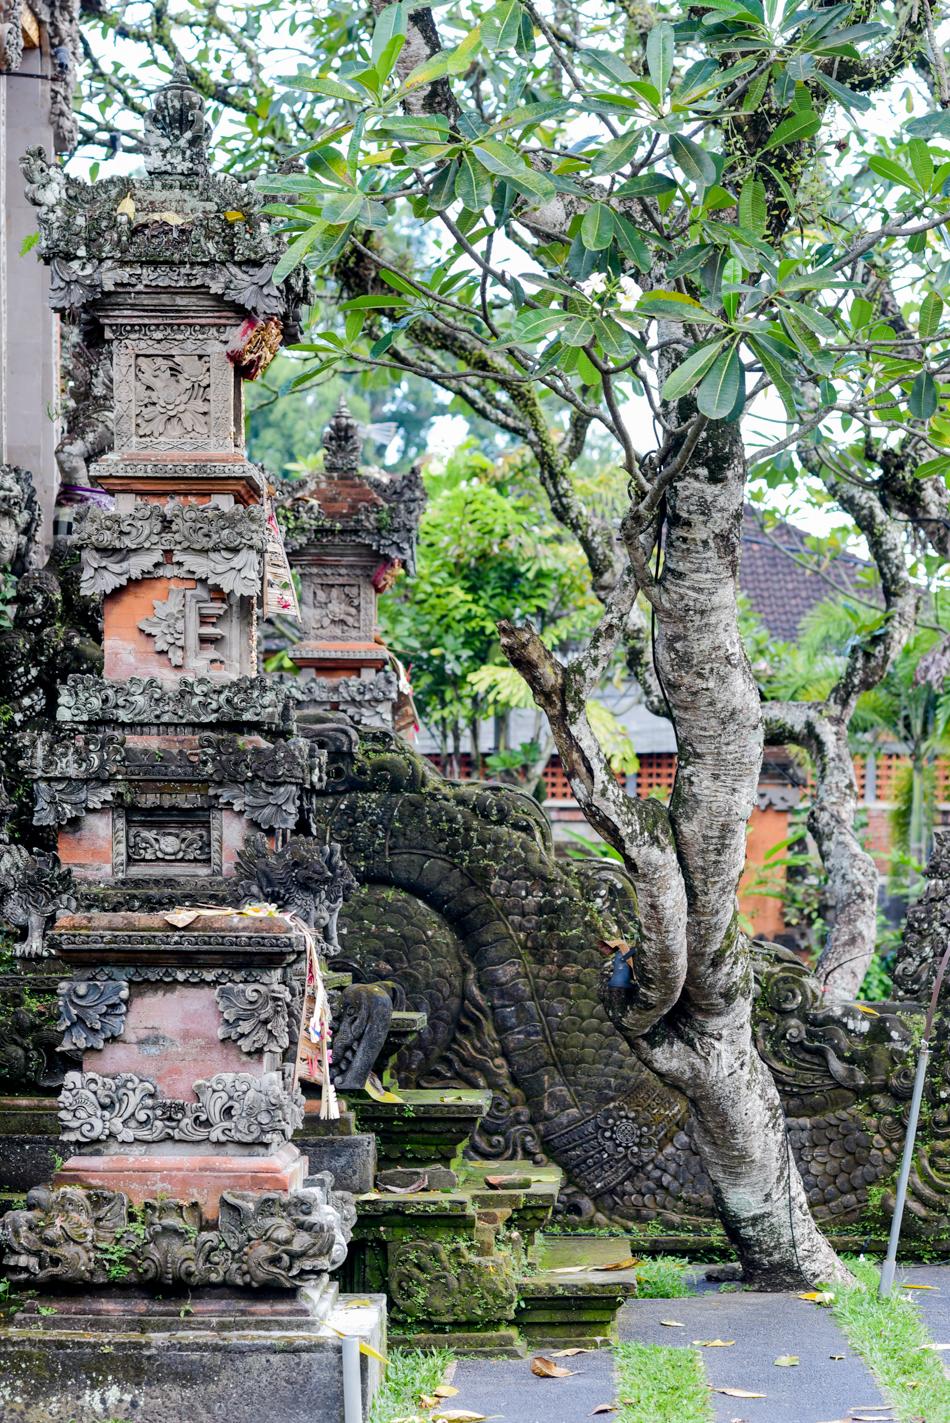 Bali-Honeymoon-Travel-AnaisStoelen-73.jpg